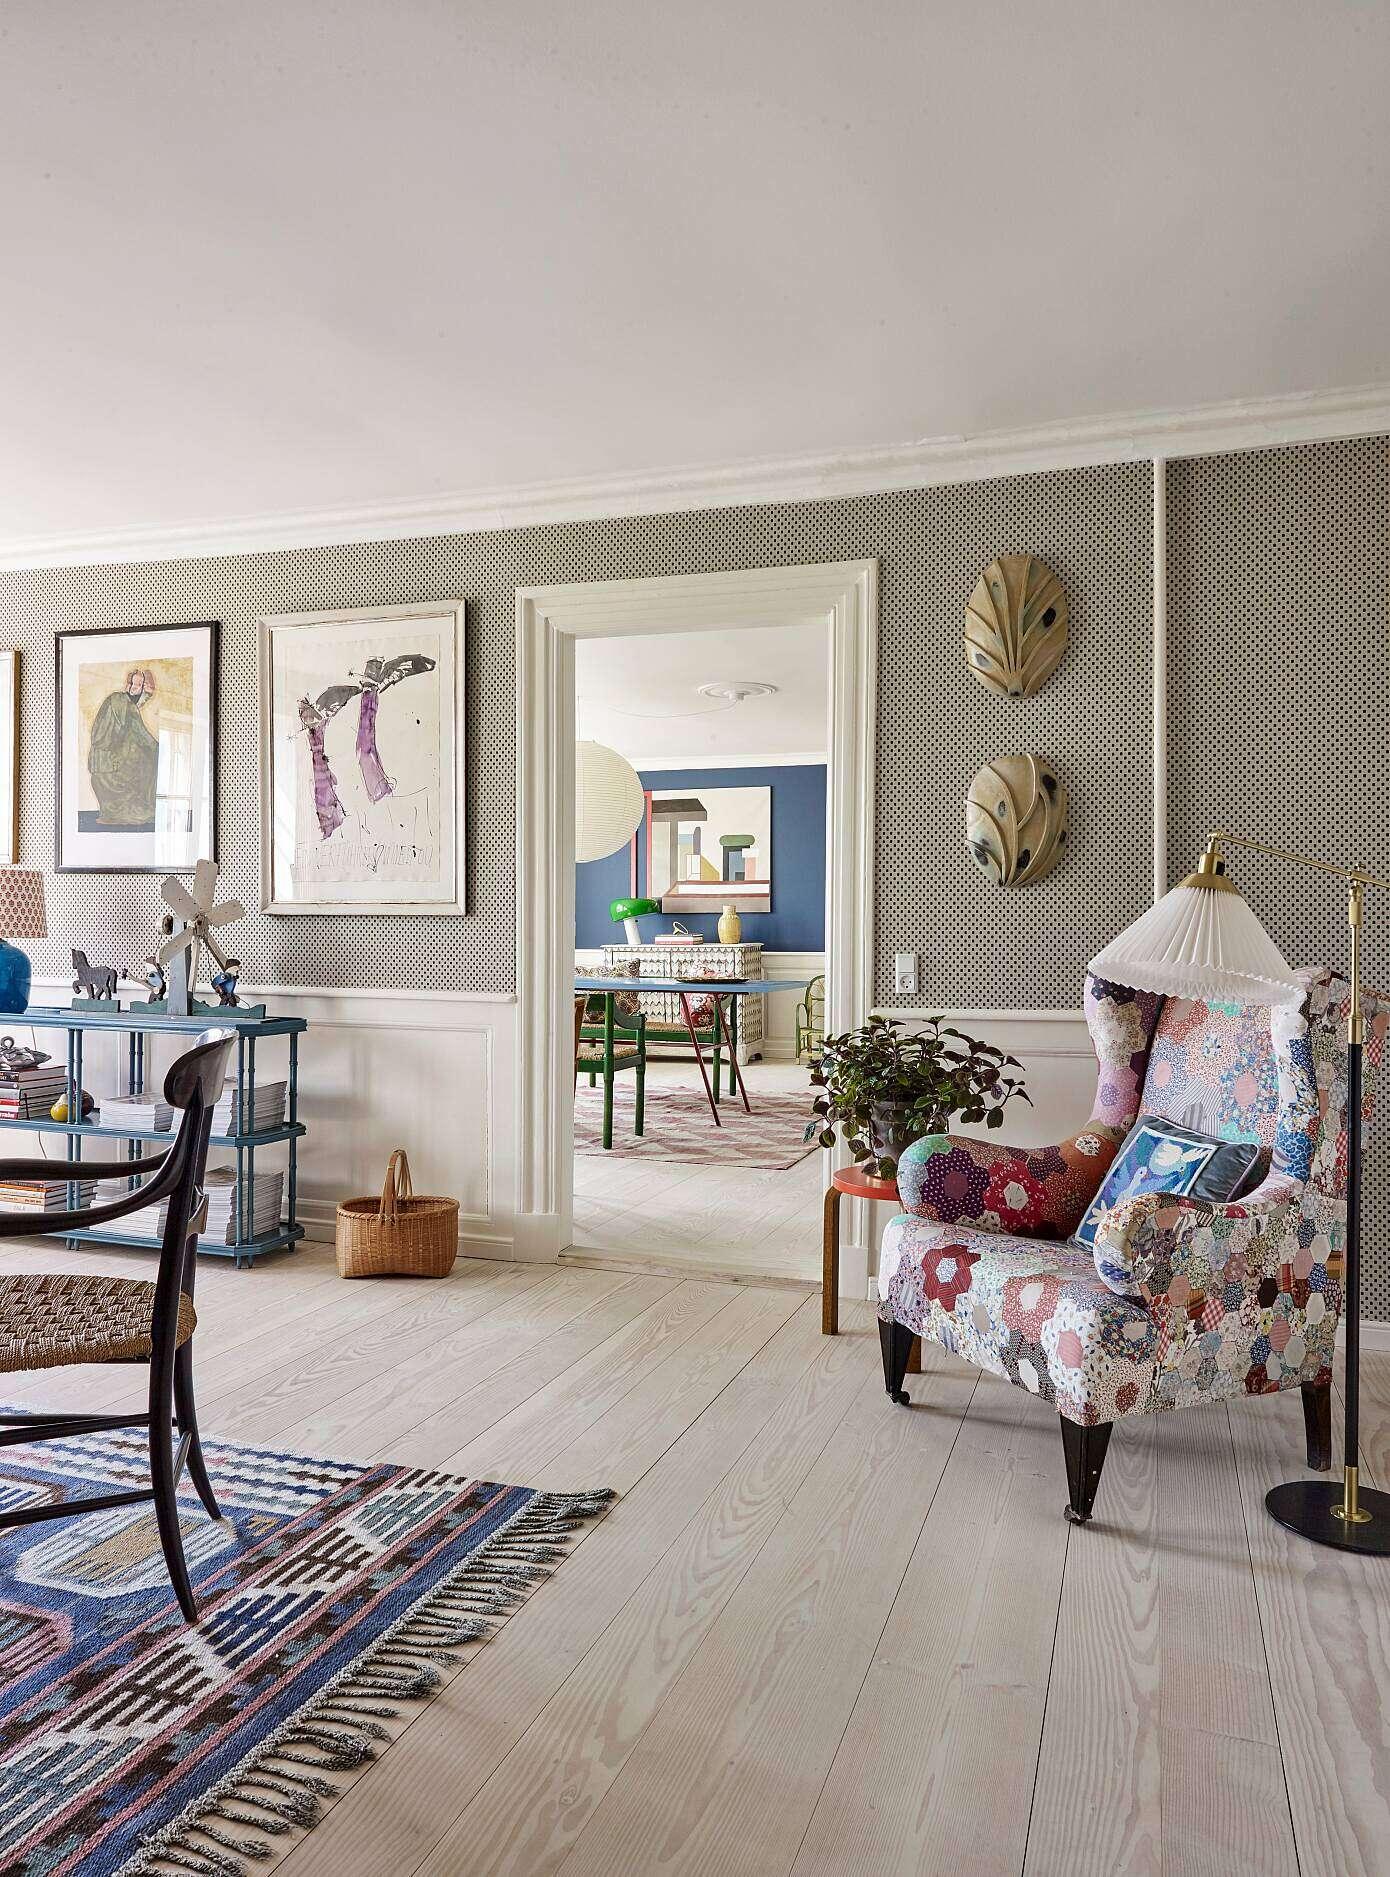 Apartment in Copenhagen by Tina Seidenfaden Busck